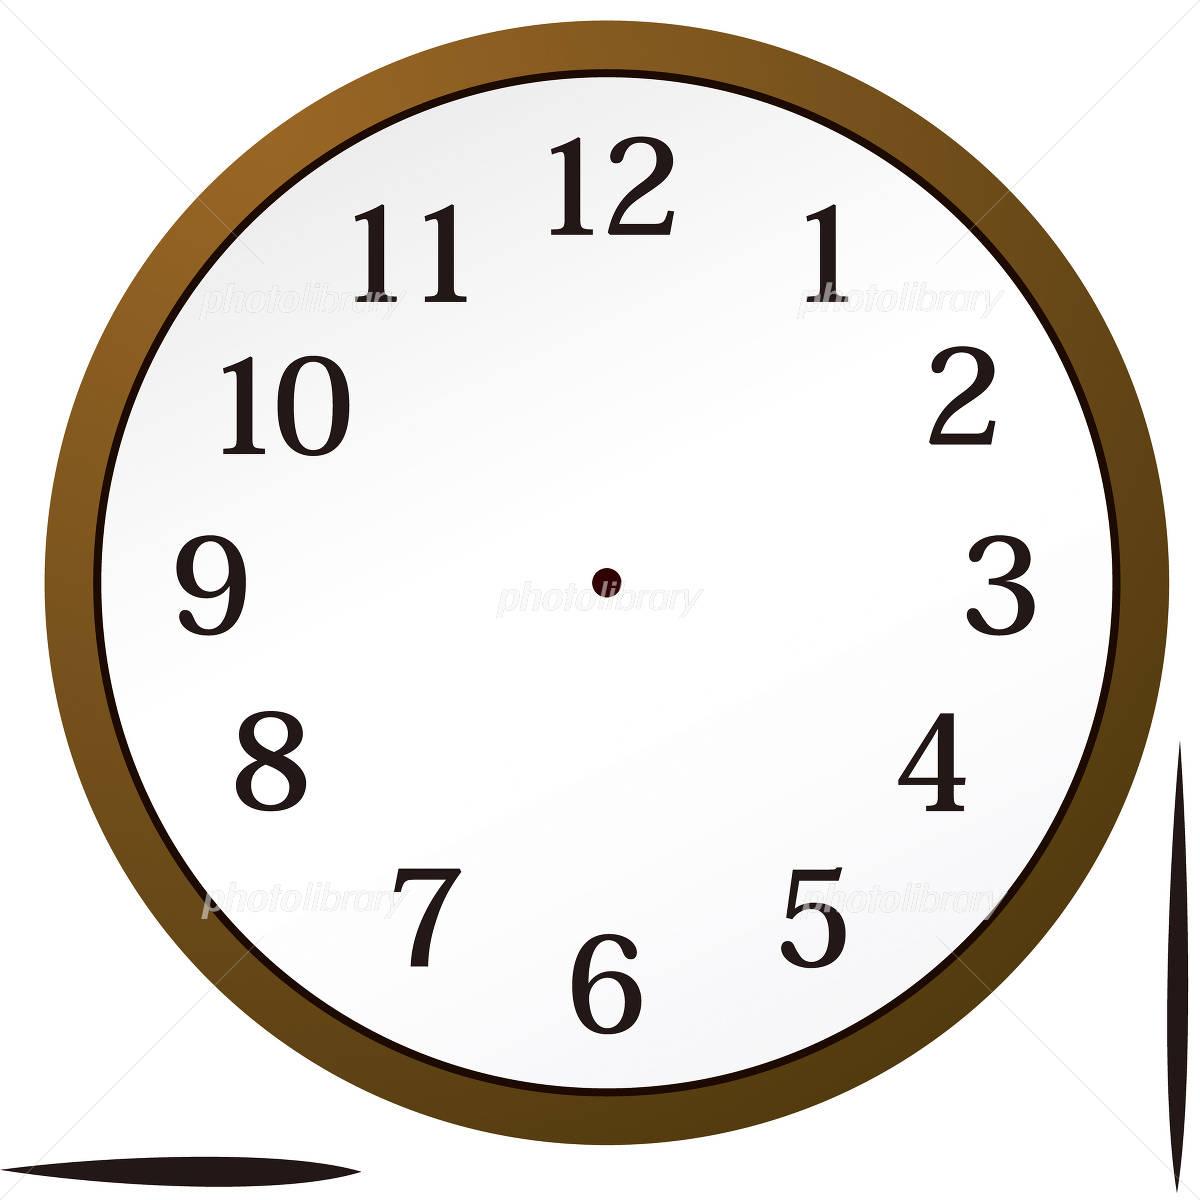 時計の文字盤のイラスト イラスト素材 909440 フォト